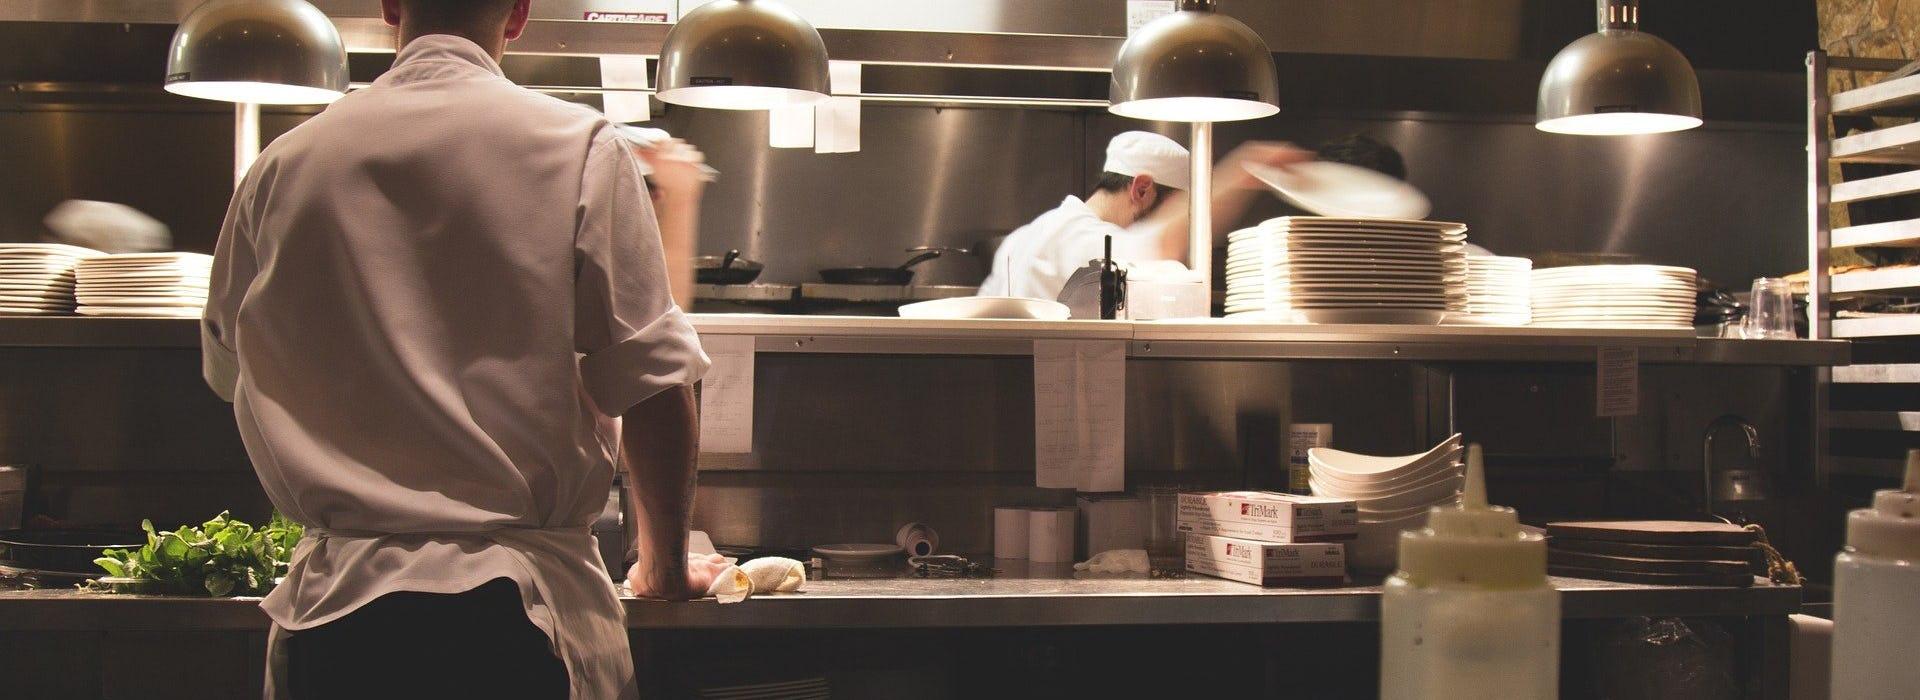 Was wäre, wenn wir alles automatisieren könnten, außer Kochen?